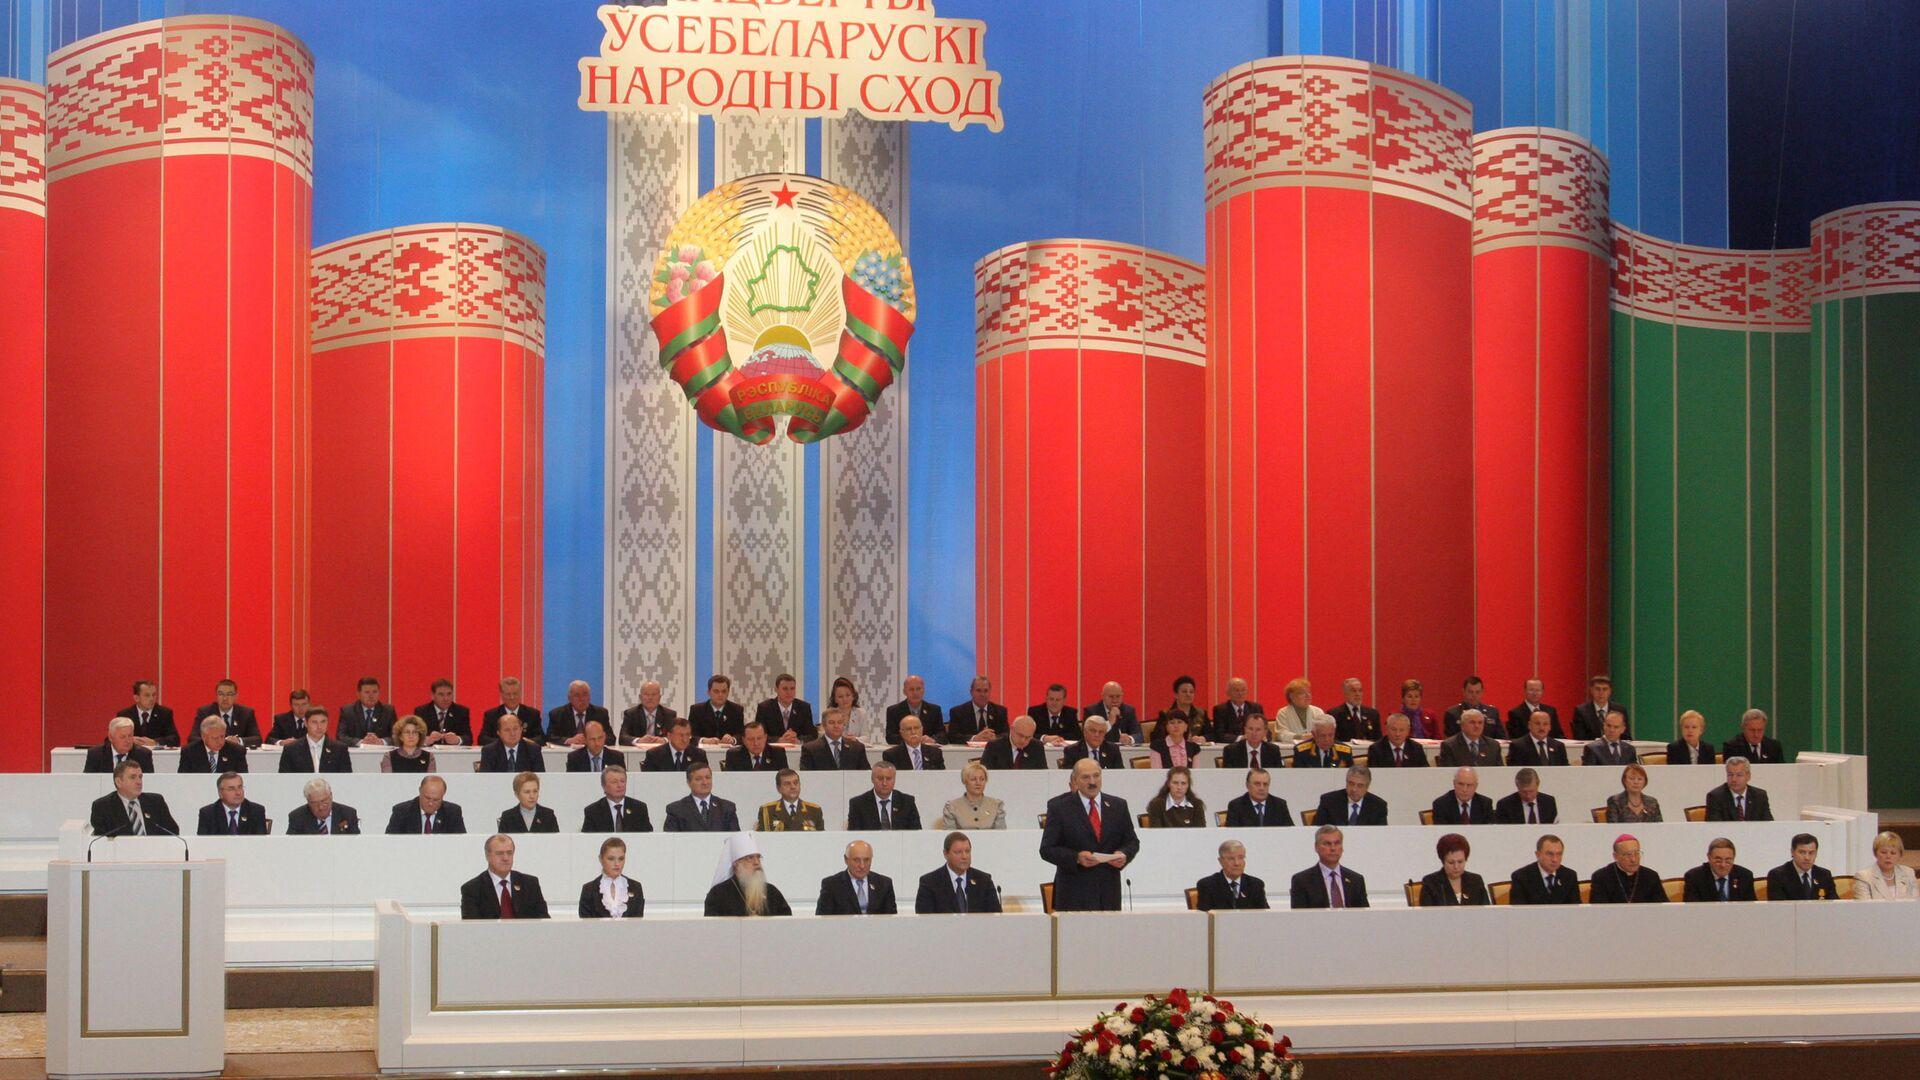 Четвертое Всебелорусское народное собрание начало работу в Минске - РИА Новости, 1920, 28.12.2020